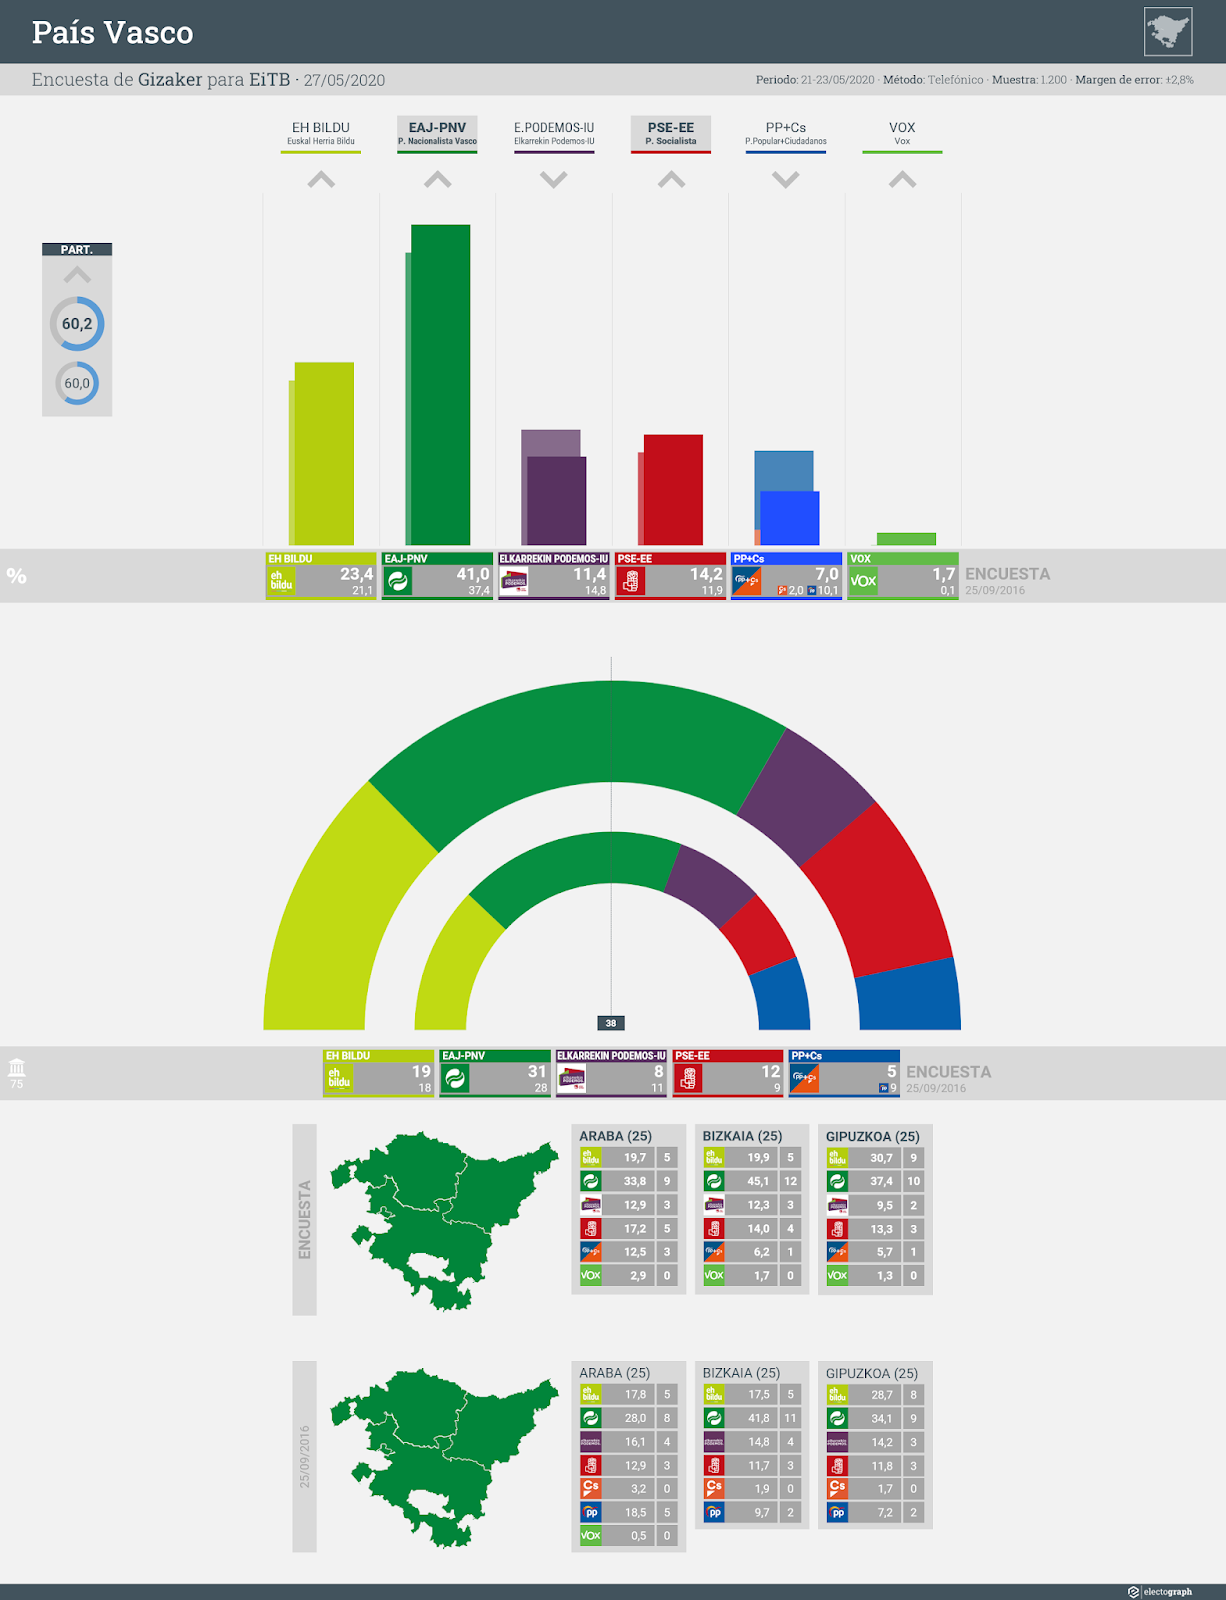 Gráfico de la encuesta para elecciones autonómicas en el País Vasco realizada por Gizaker para EiTB, 27 de mayo de 2020